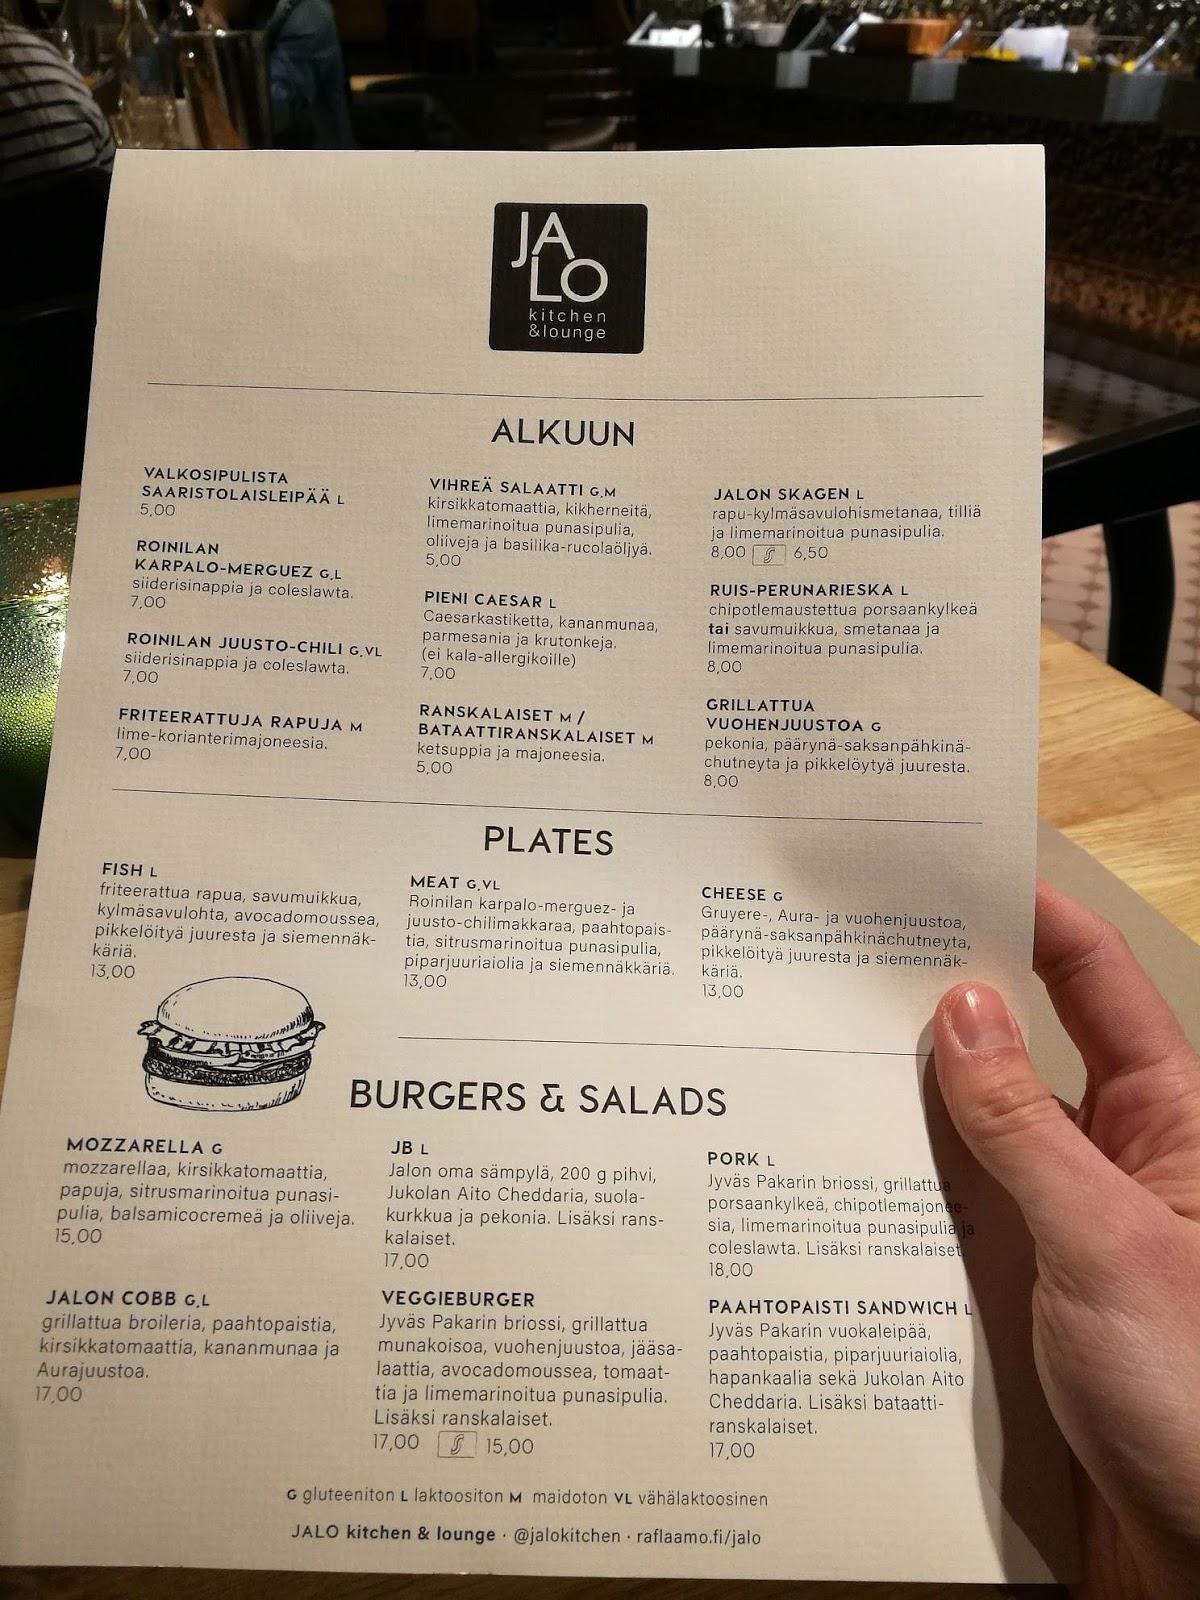 jyväskylä jalo kitchen & lounge ravintola hampurilaistesti hampurilainen mallaspulla